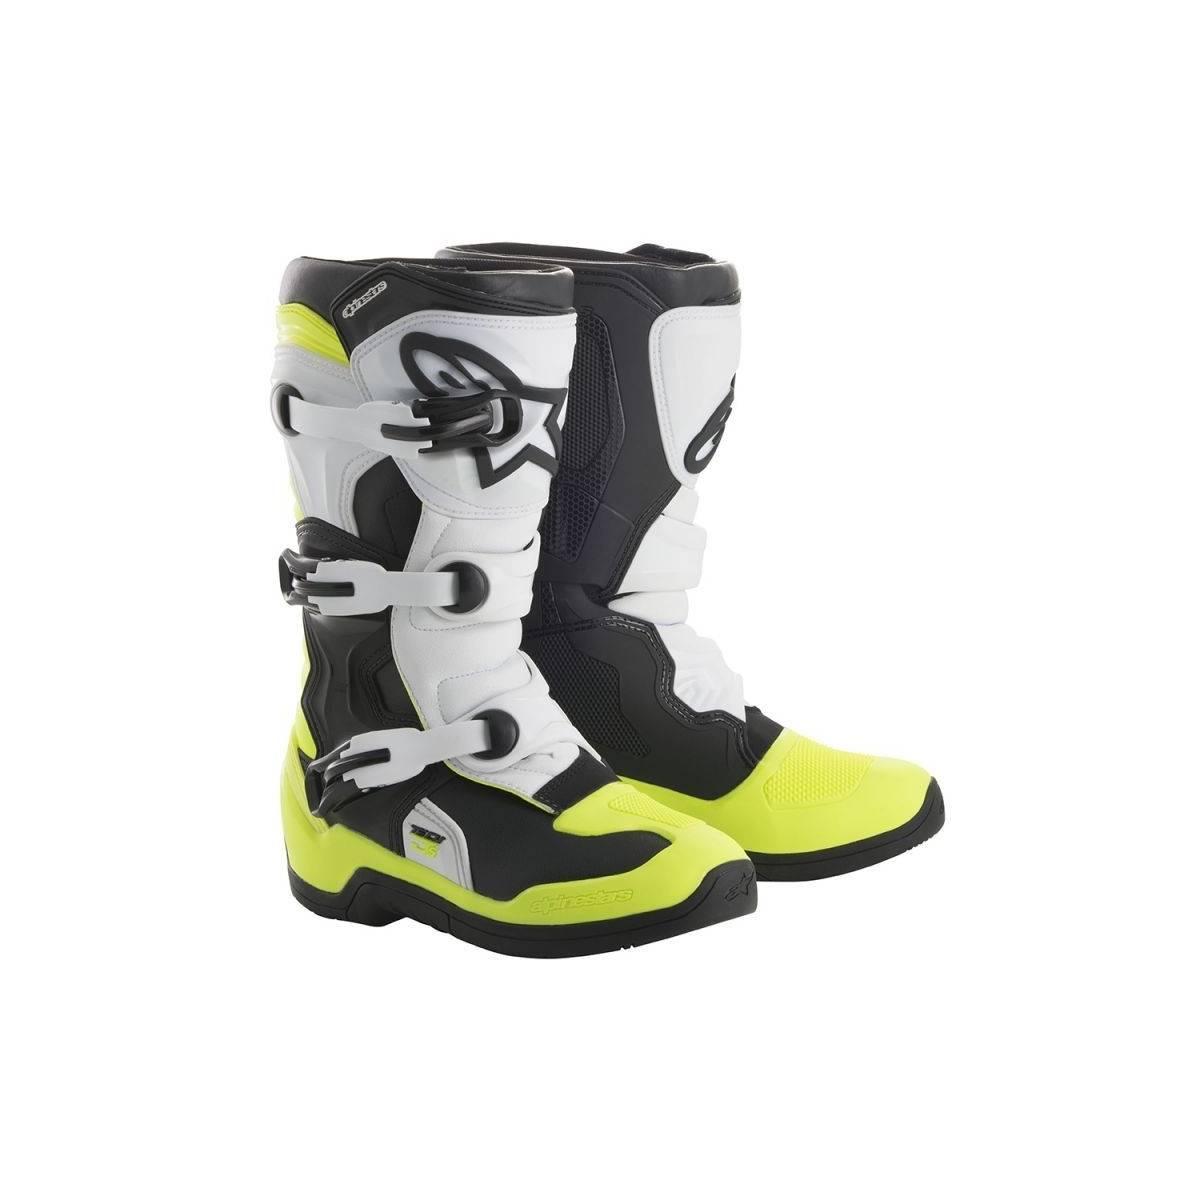 Botas alpinestars tech3s junior negra/blanca/amarillo flúor